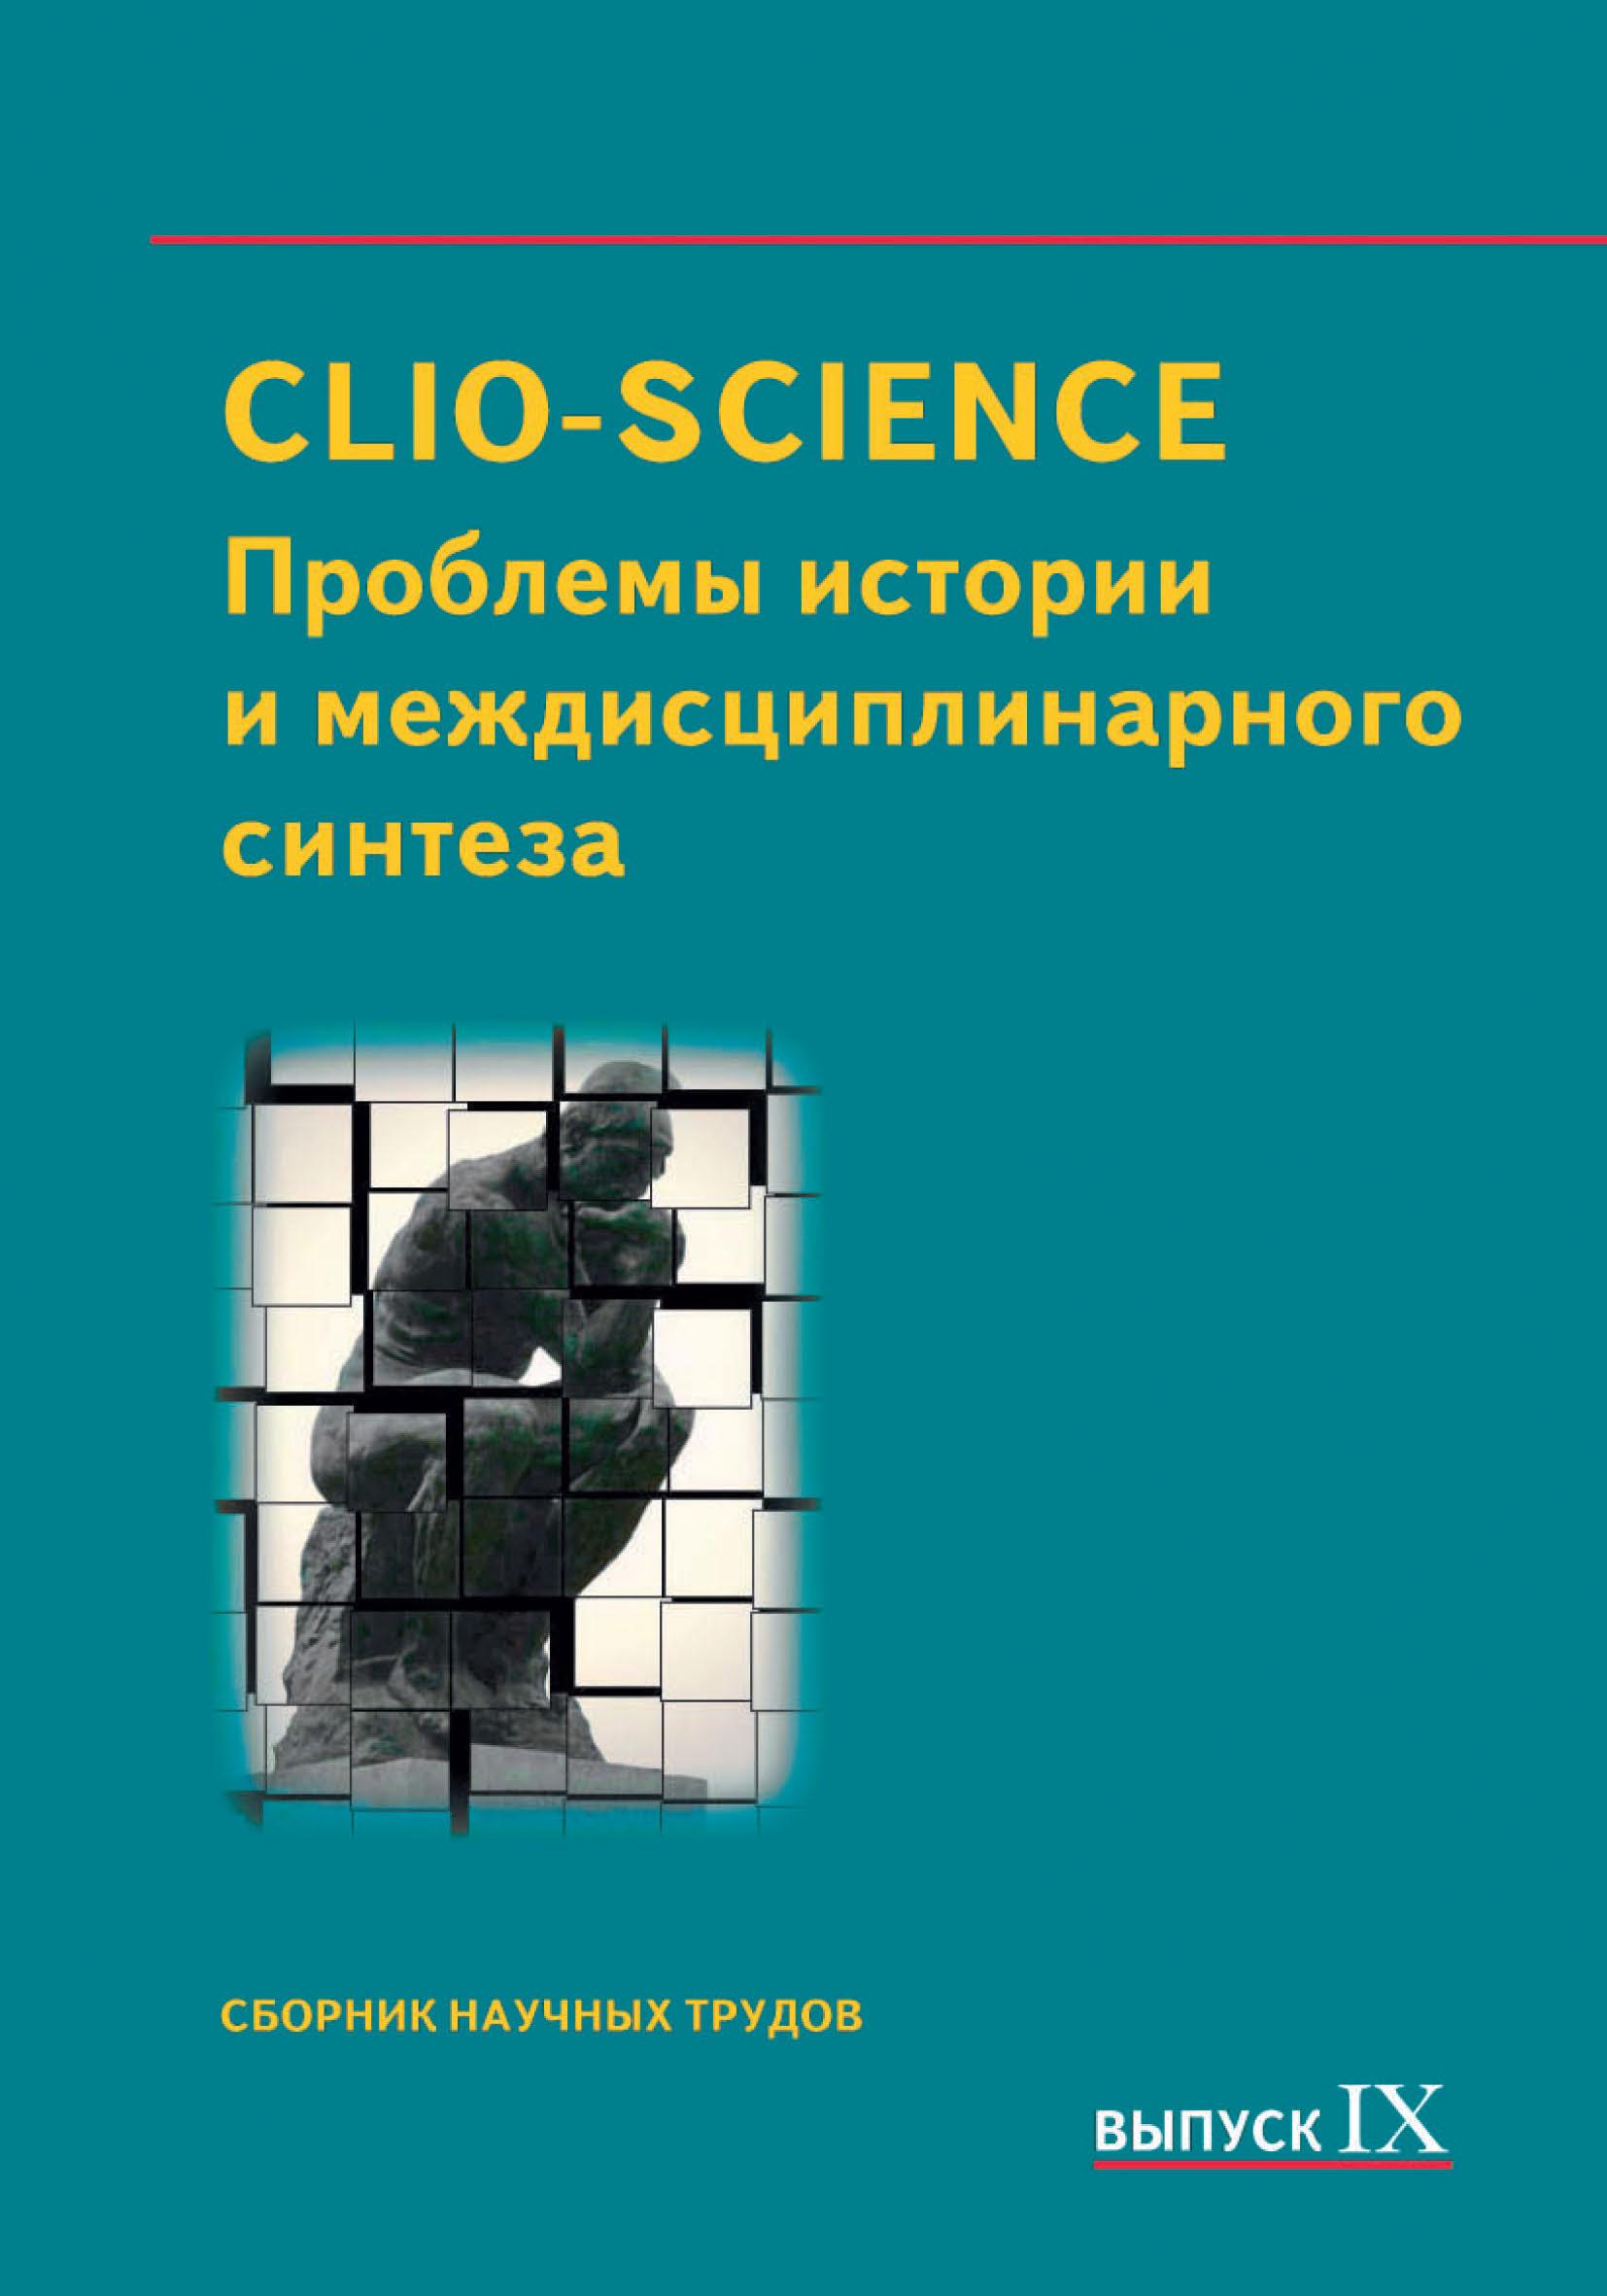 цена Сборник статей CLIO-SCIENCE: Проблемы истории и междисциплинарного синтеза. Выпуск IX